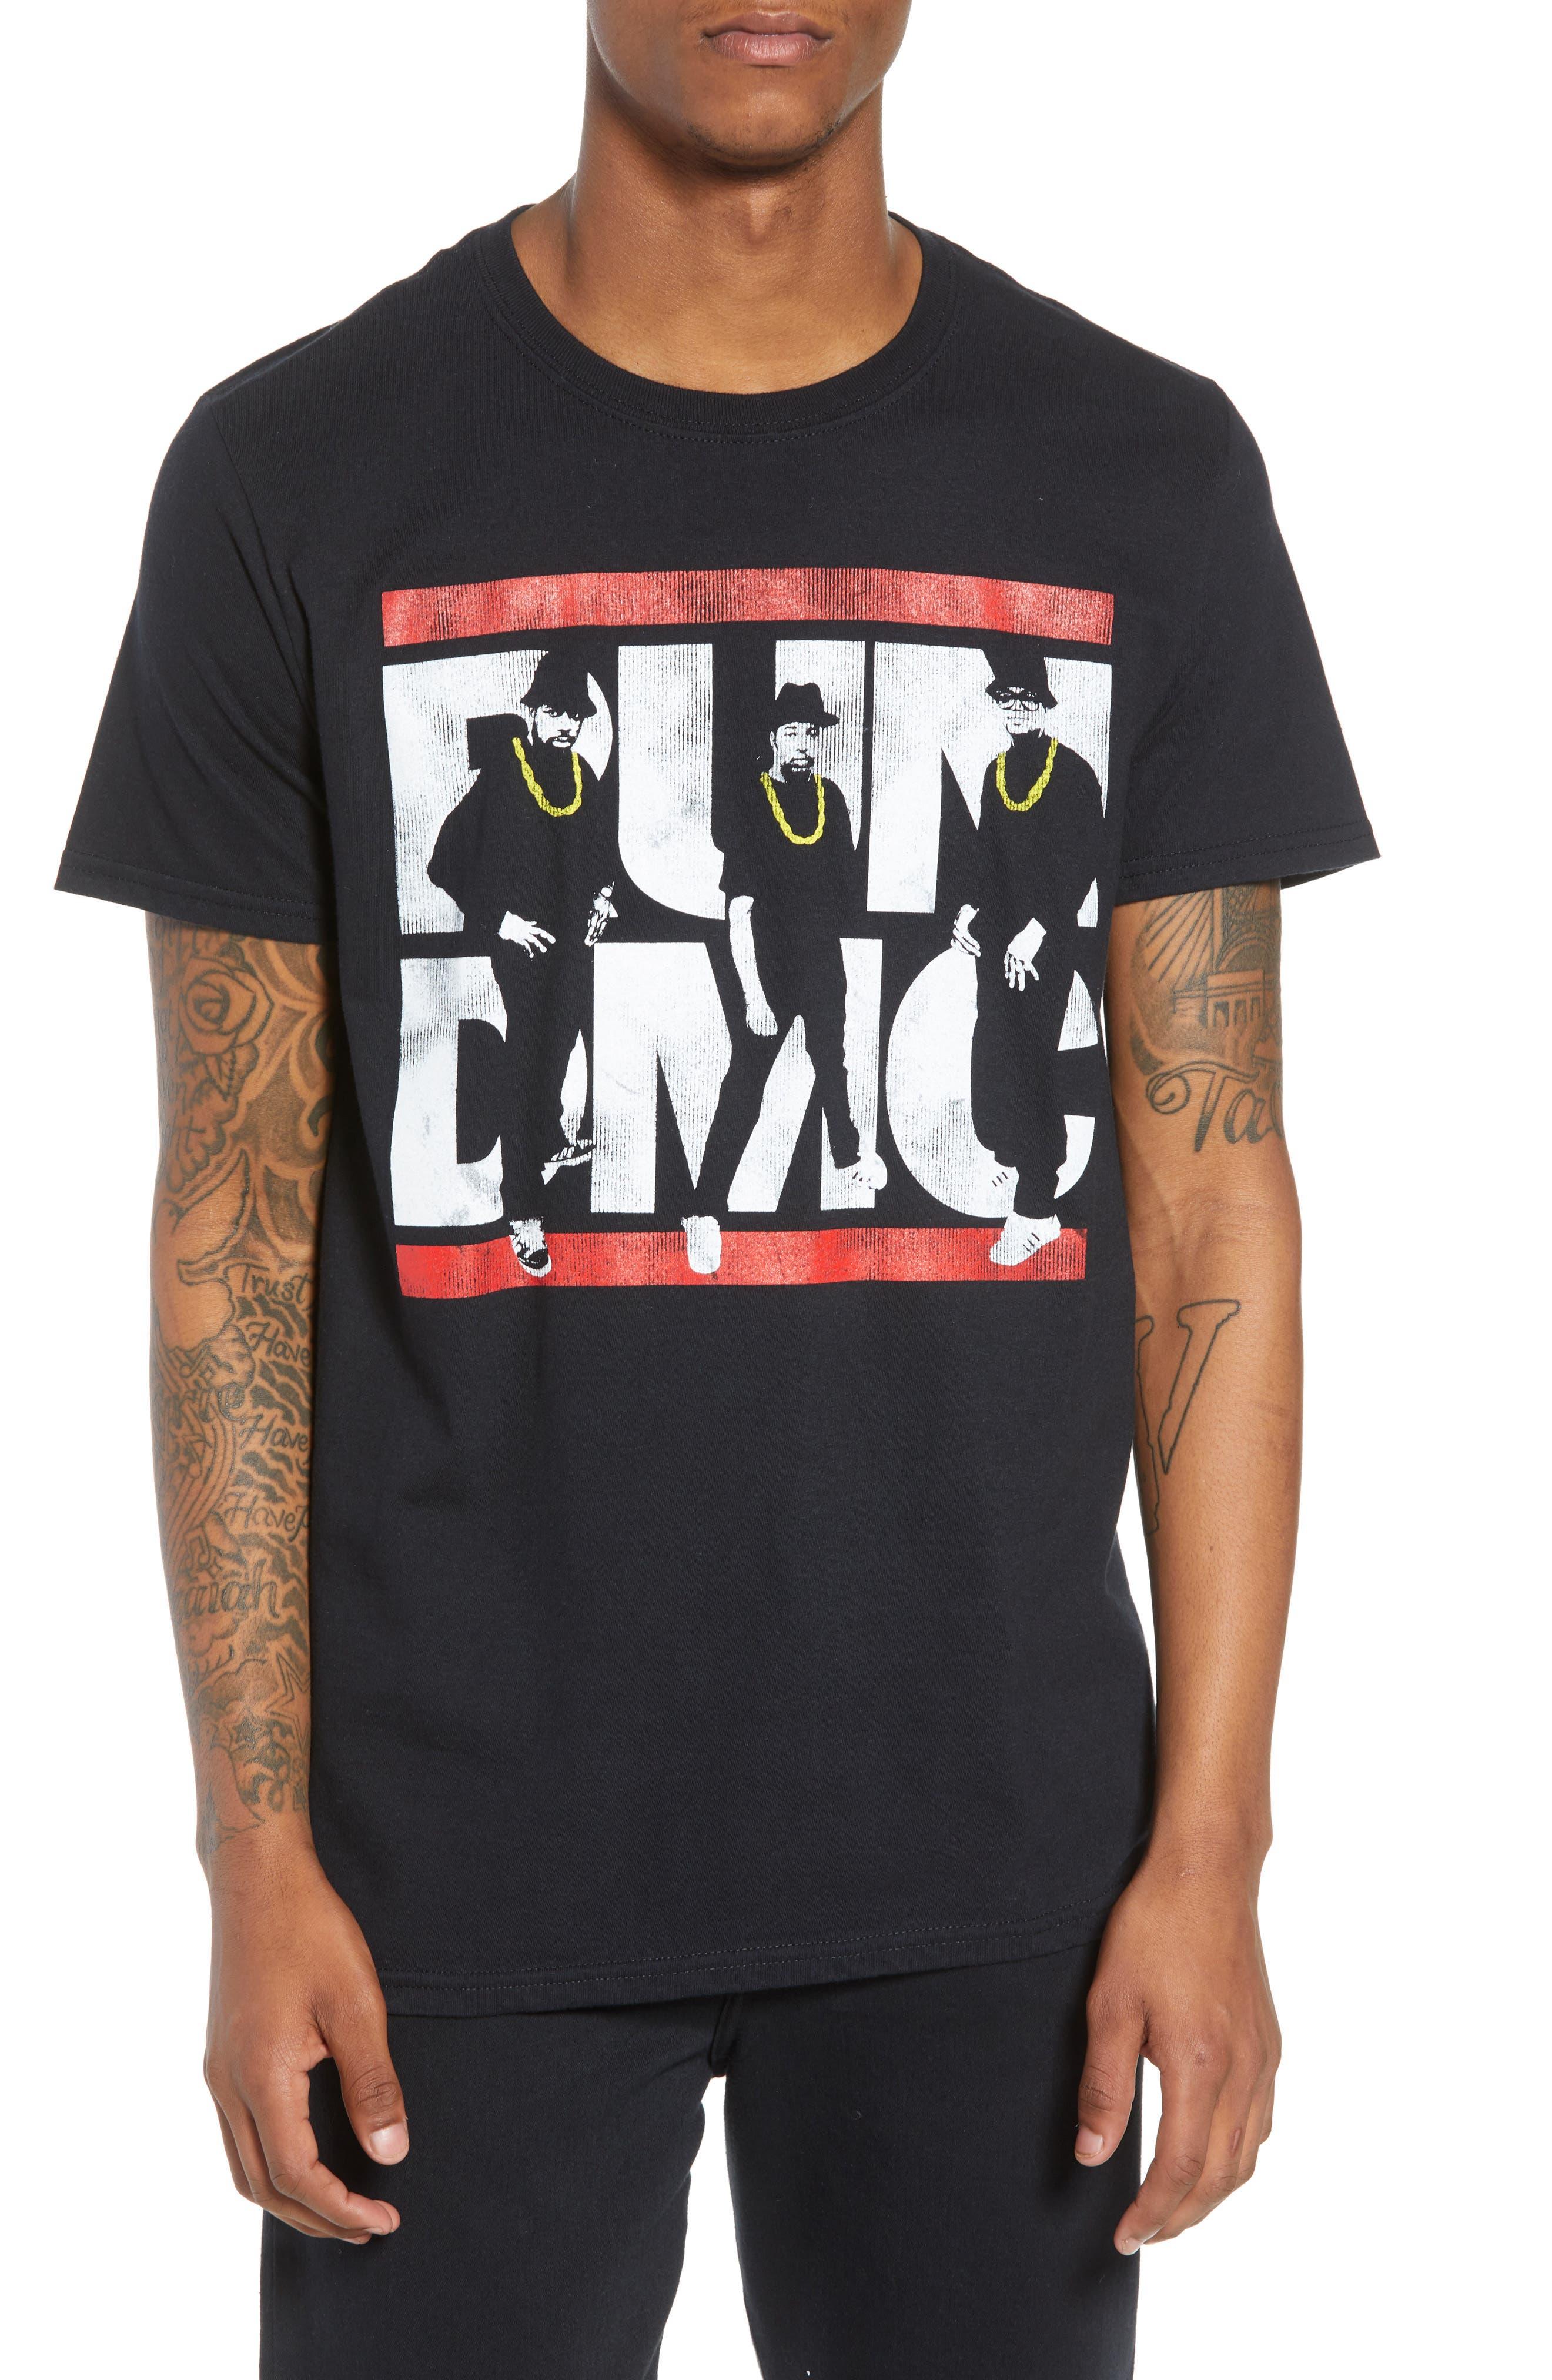 Run-DMC T-Shirt,                         Main,                         color, Black Tee Run Dmc